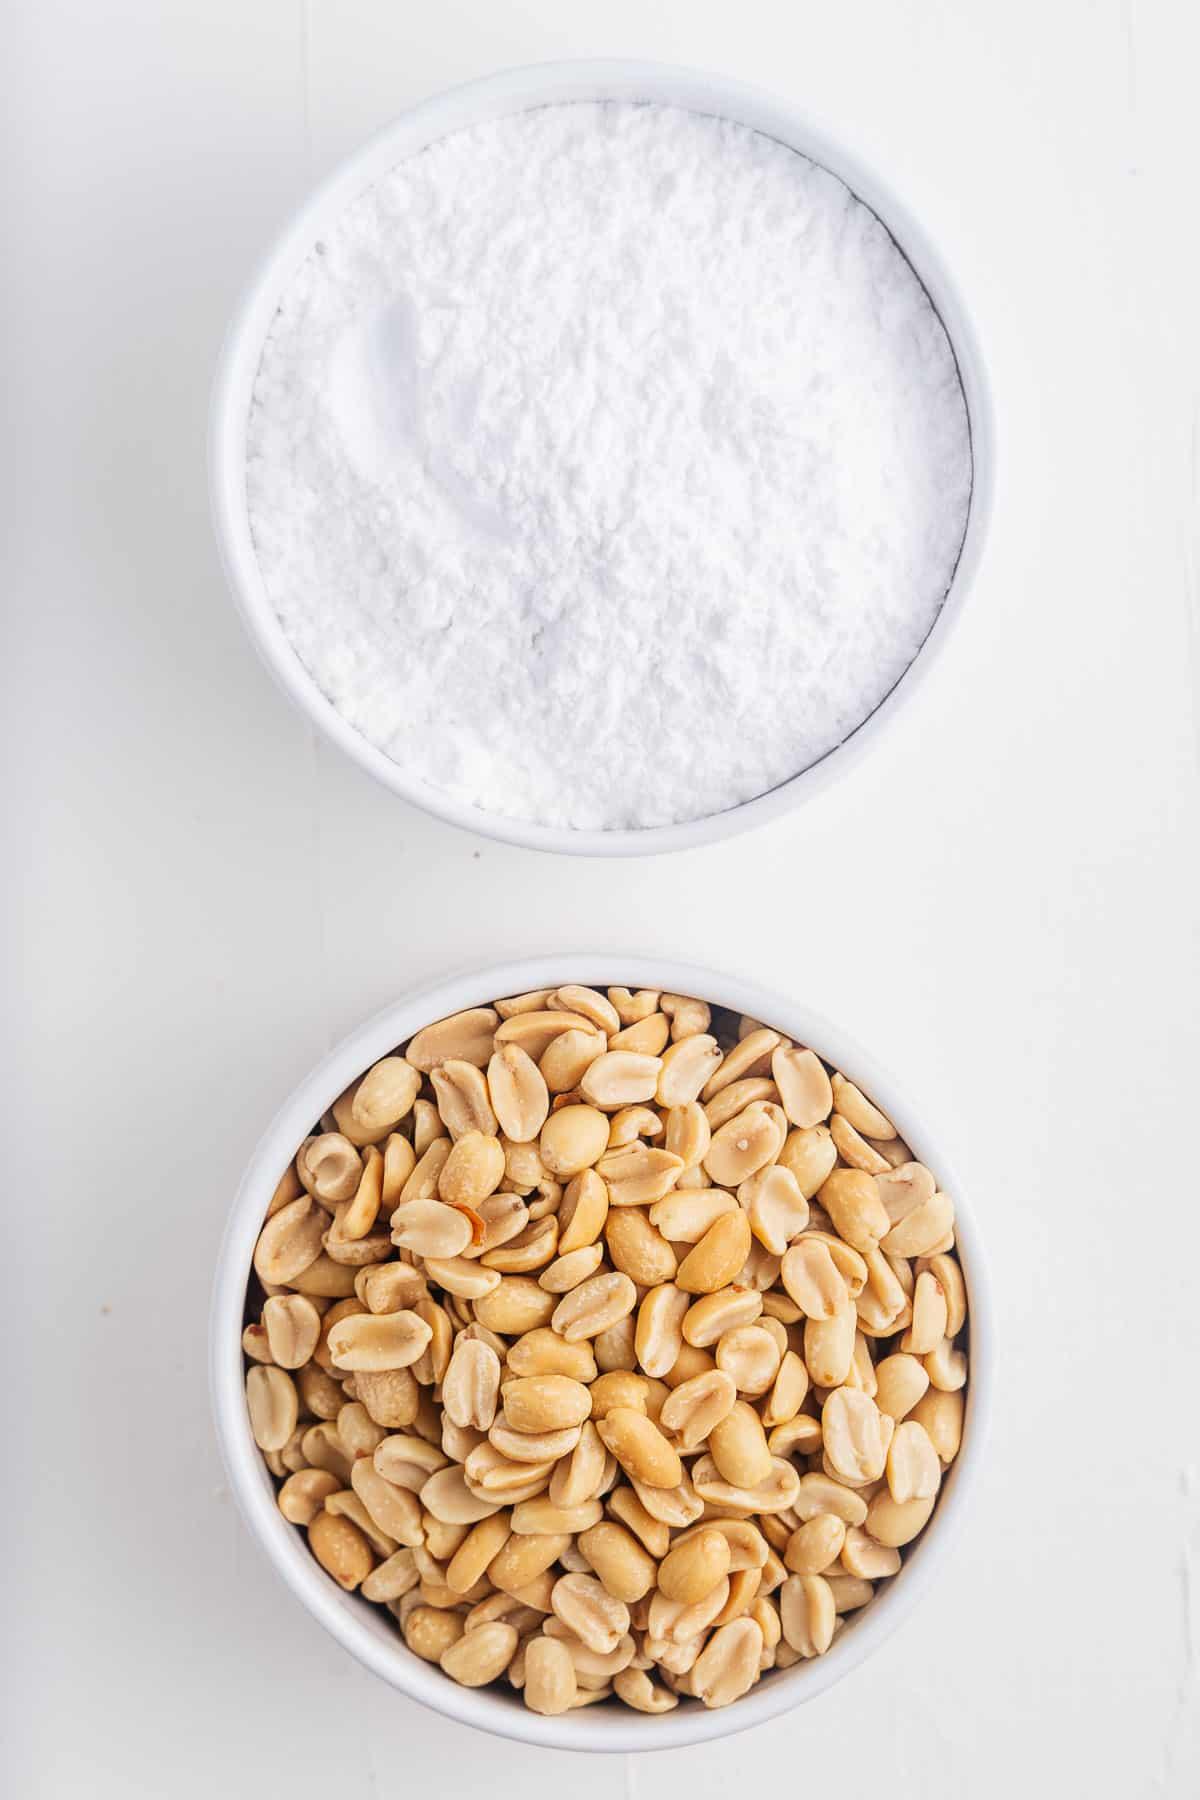 Peanuts and Powdered Sugar